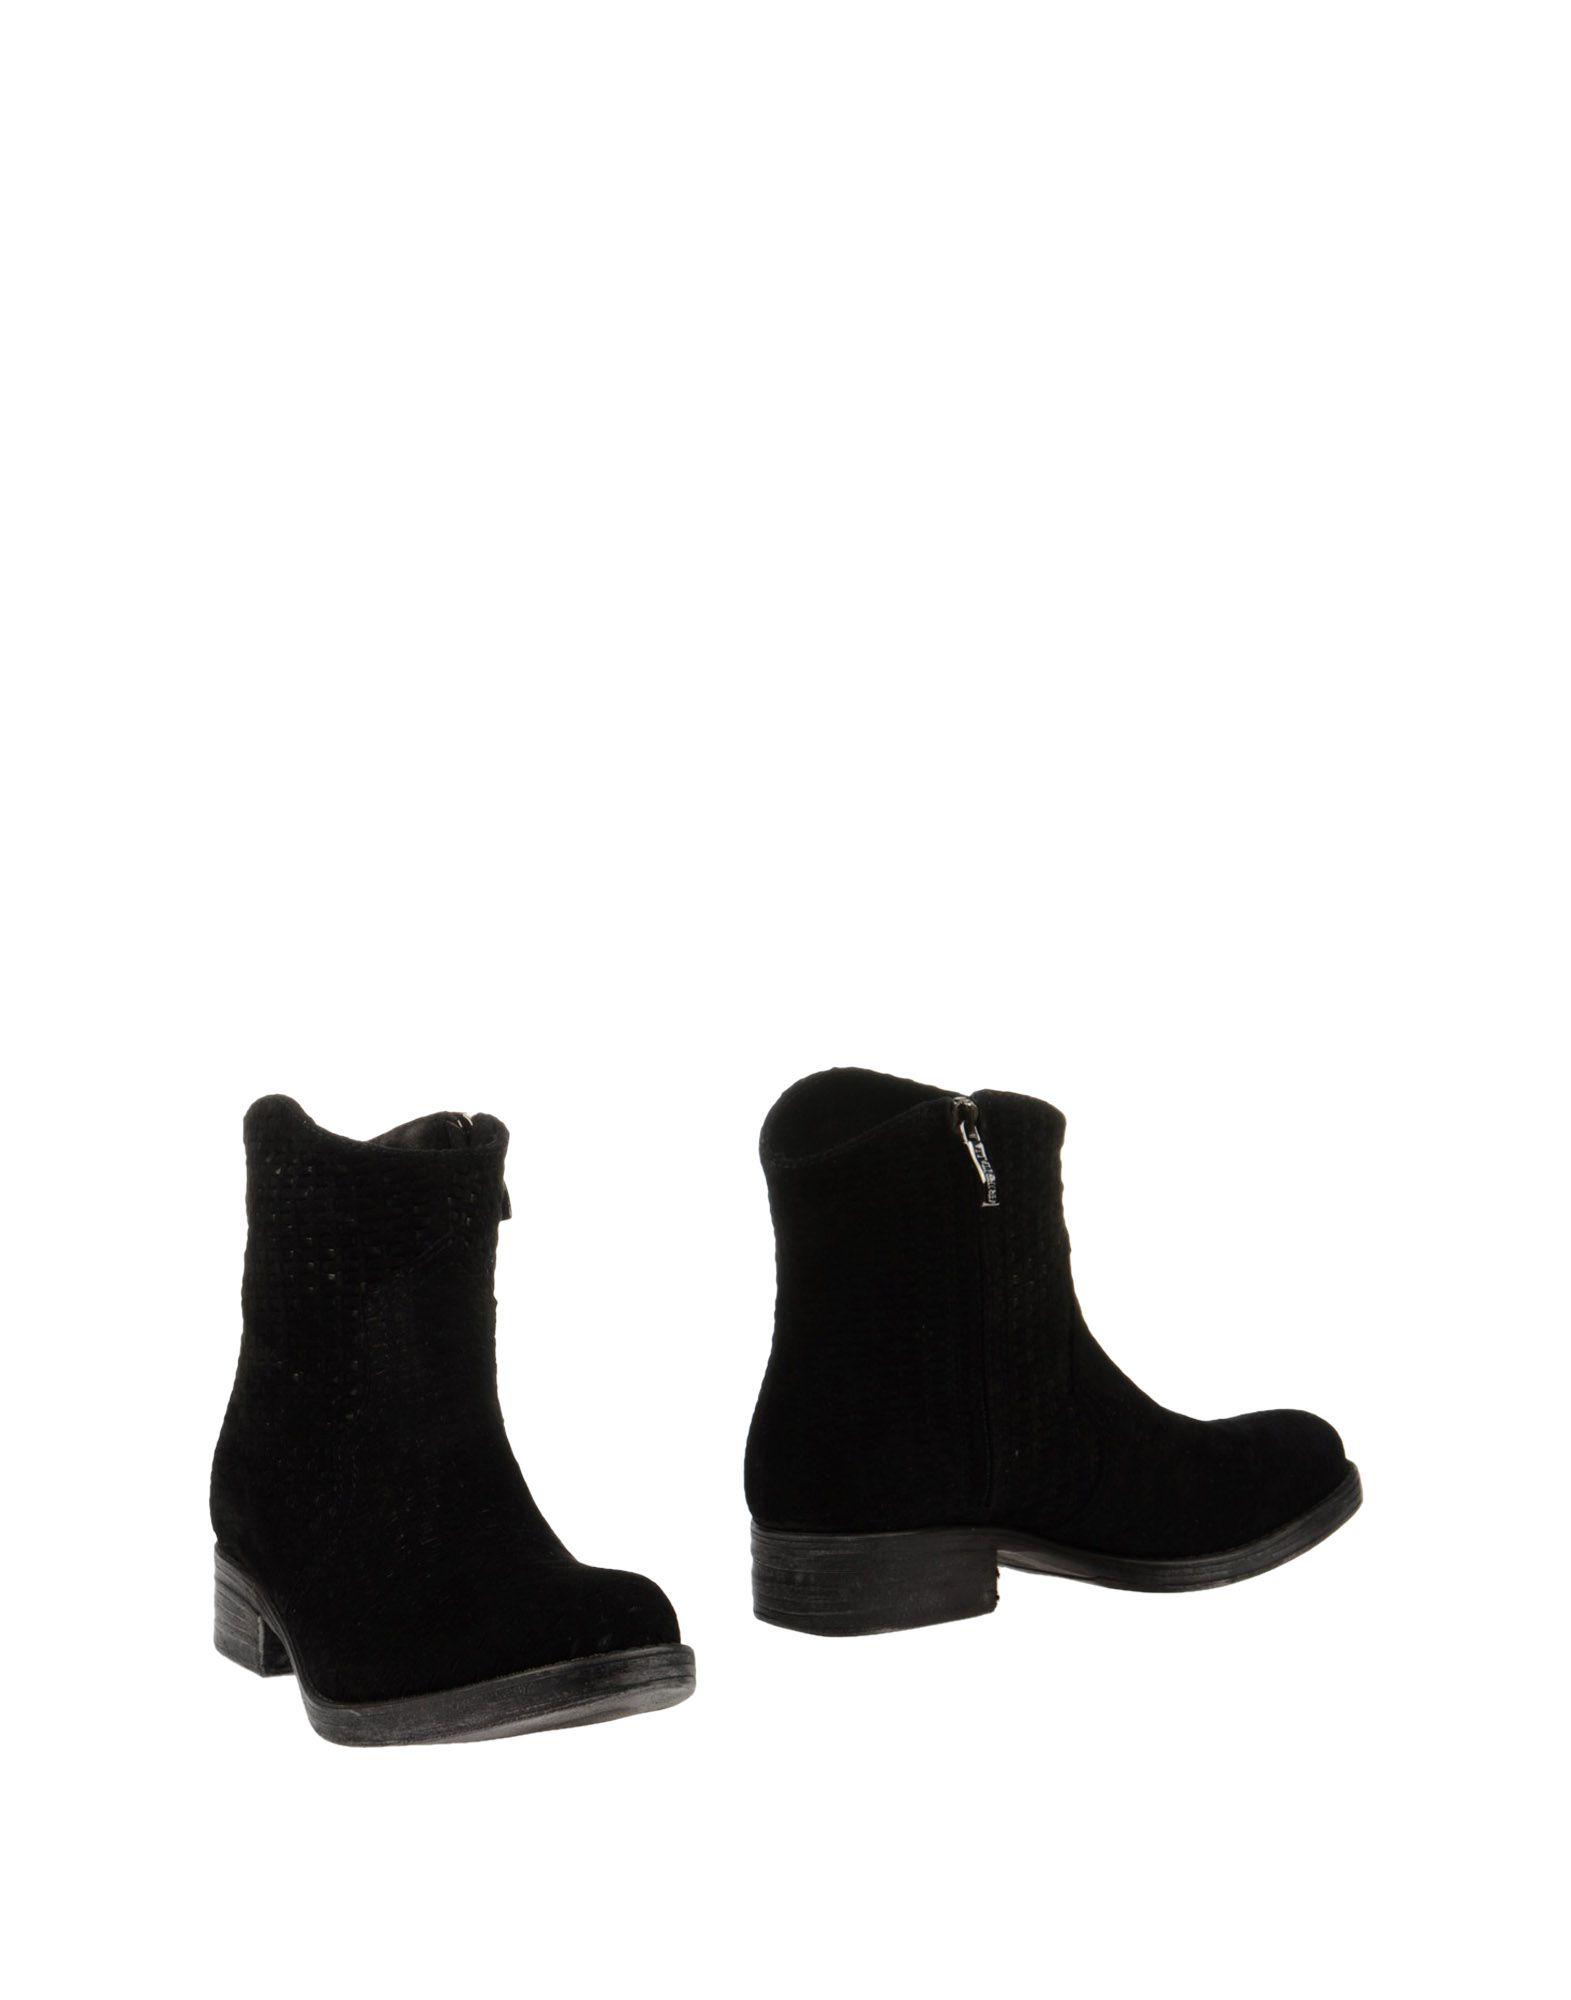 GRIFF ITALIA Полусапоги и высокие ботинки плиткорез griff 8105с 030873